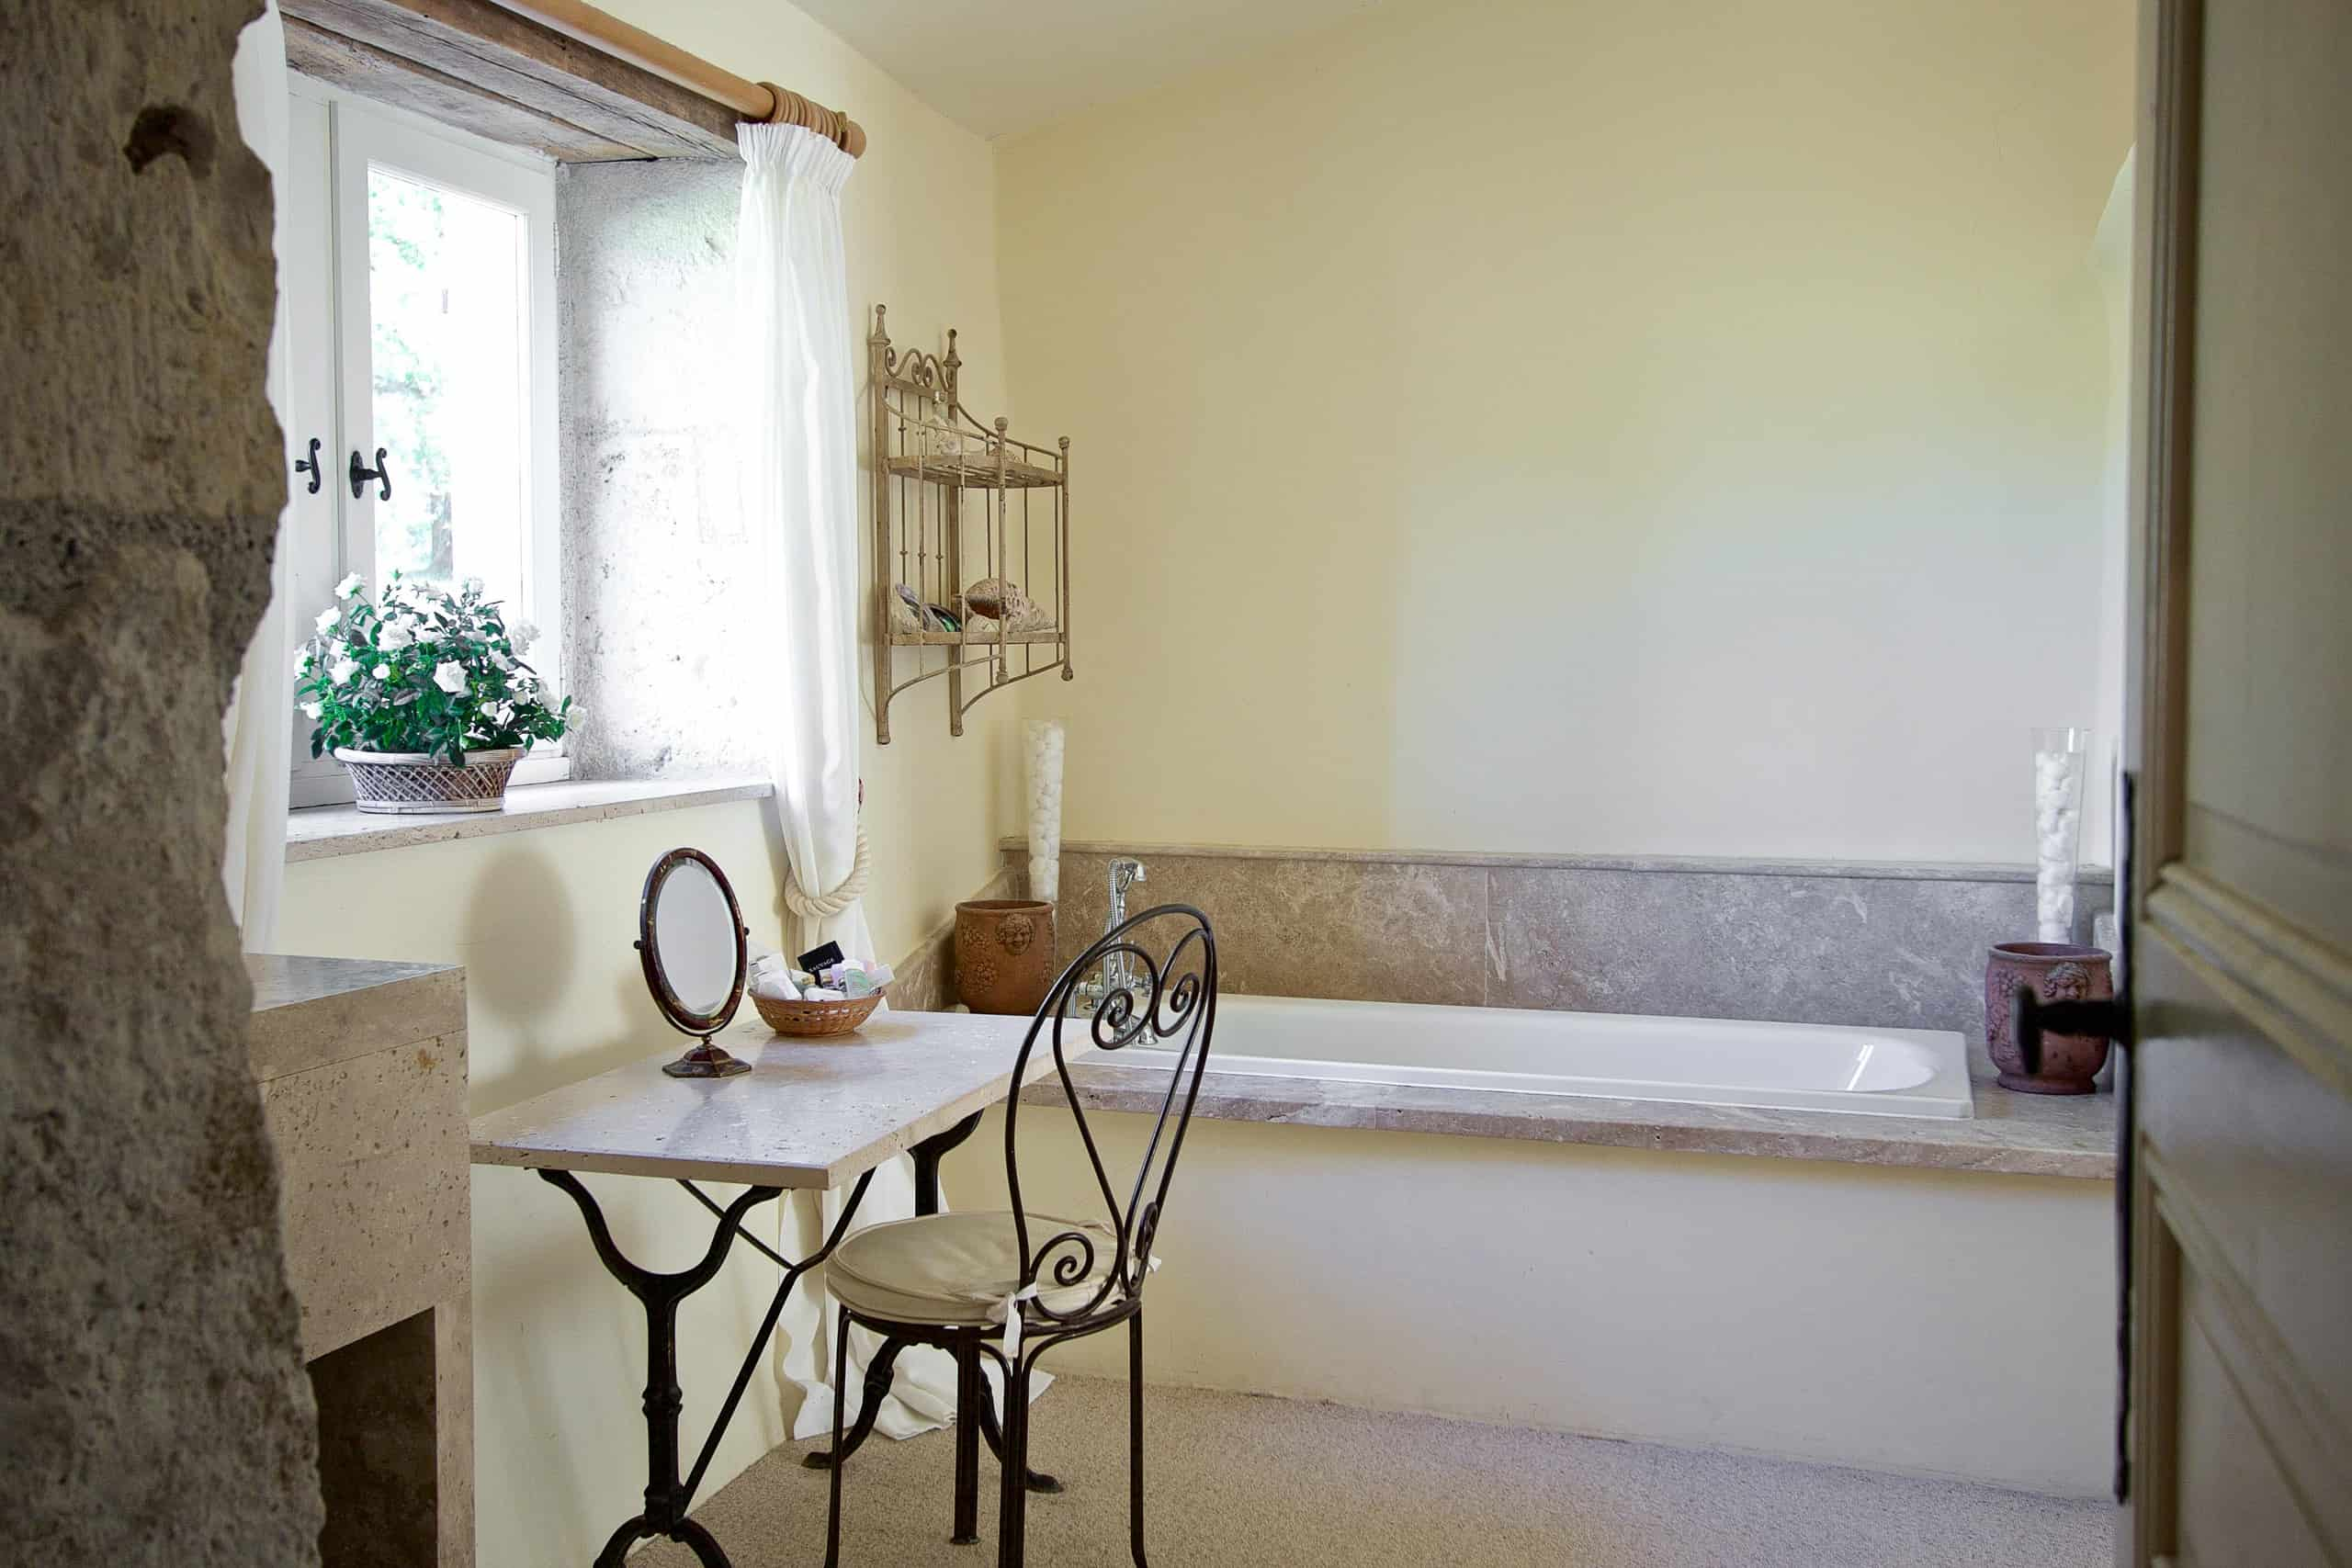 Salle de bain-WMC064